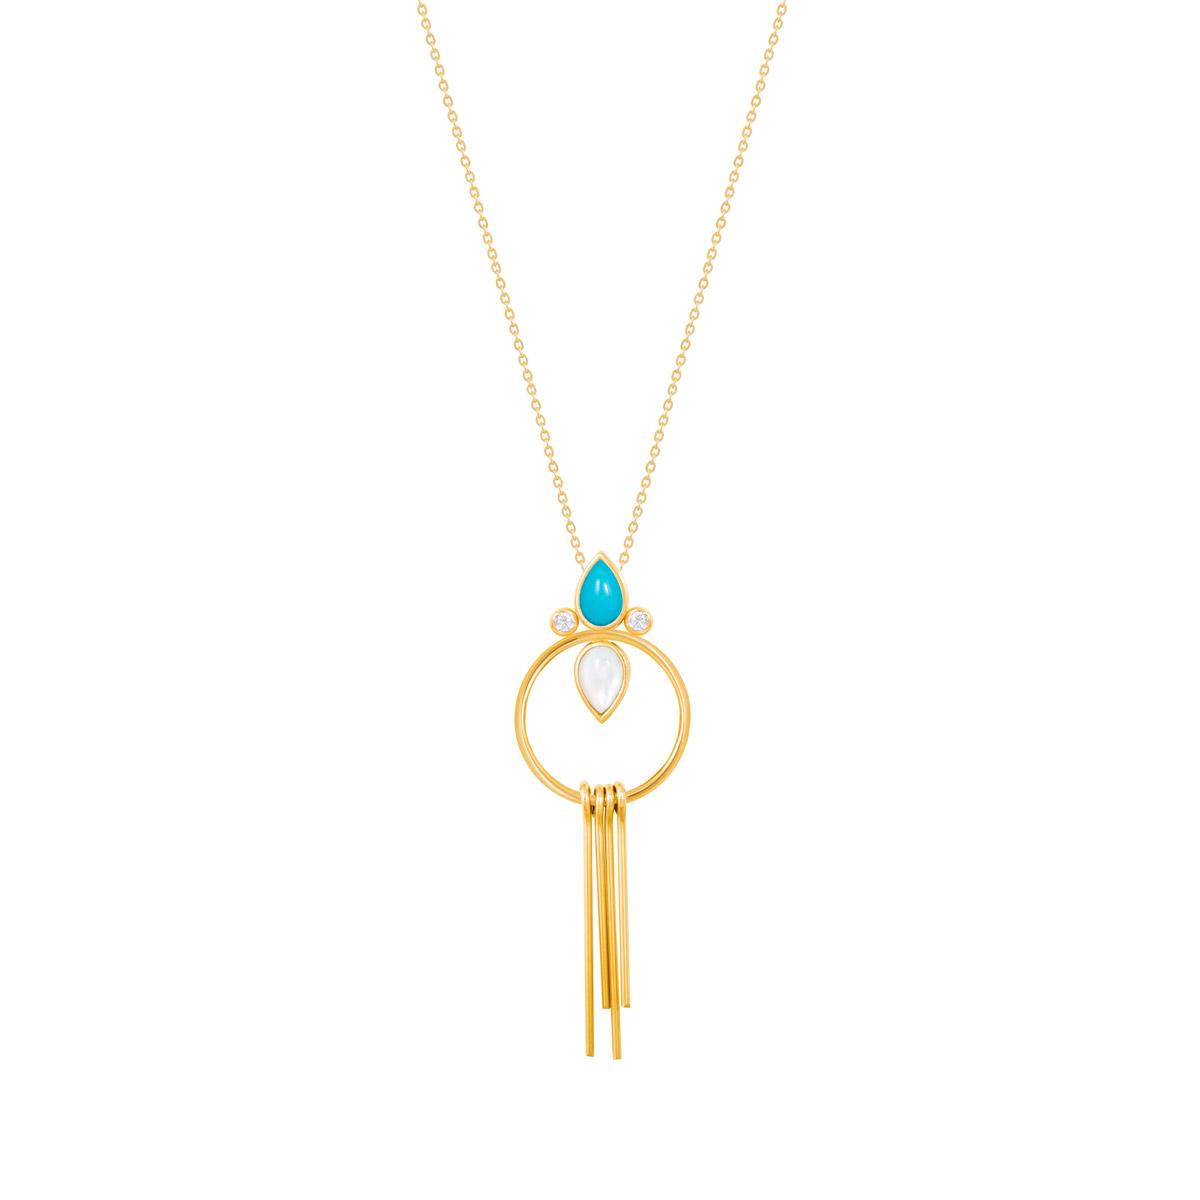 گردنبند طلا آتنا (الهه زیبایی و هنر)|parasteh